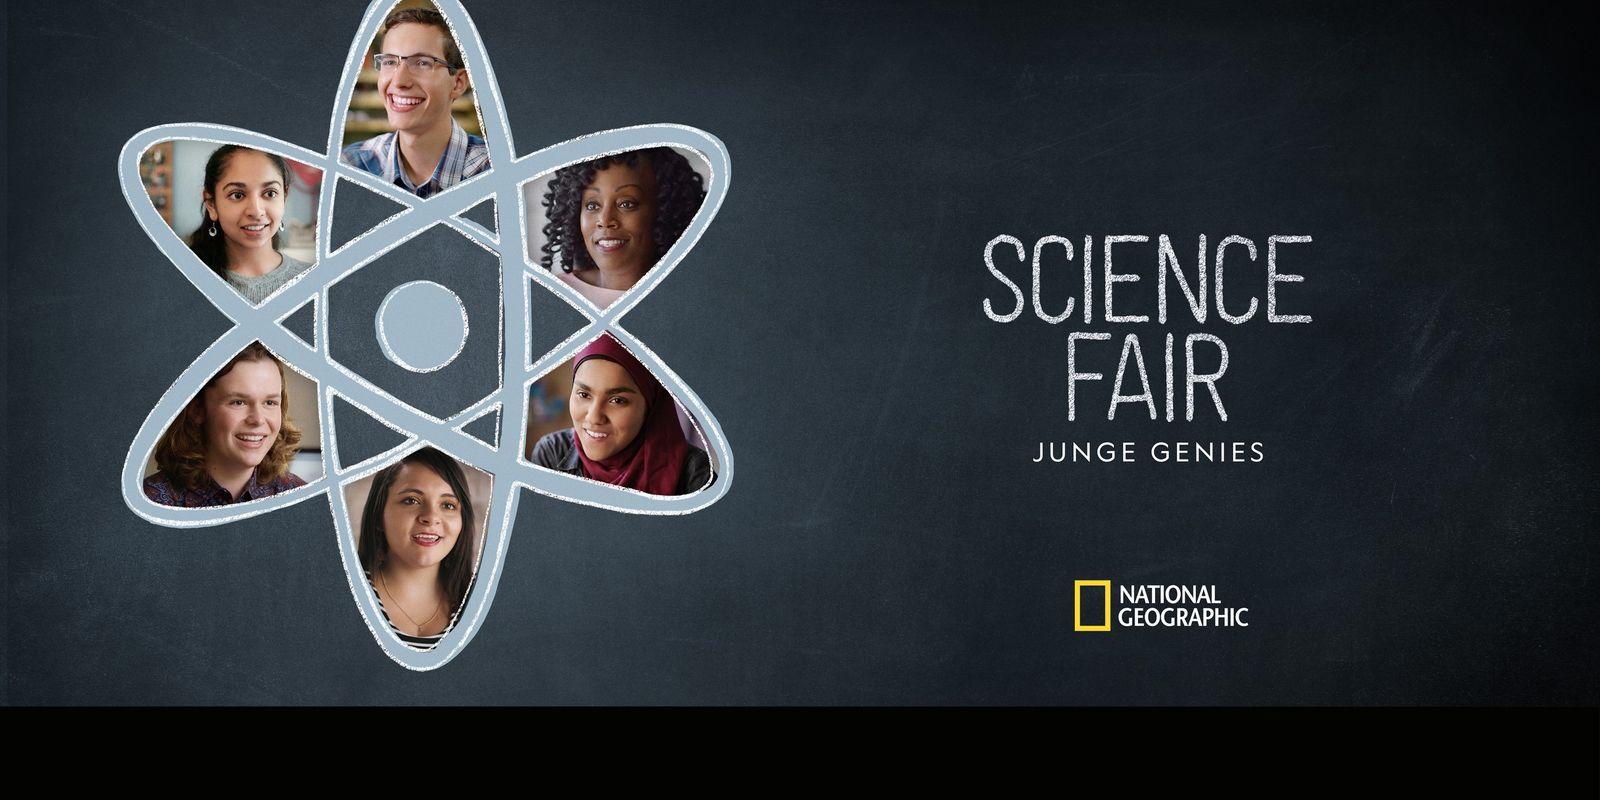 Science Fair: Es geht um mehr als ums Gewinnen